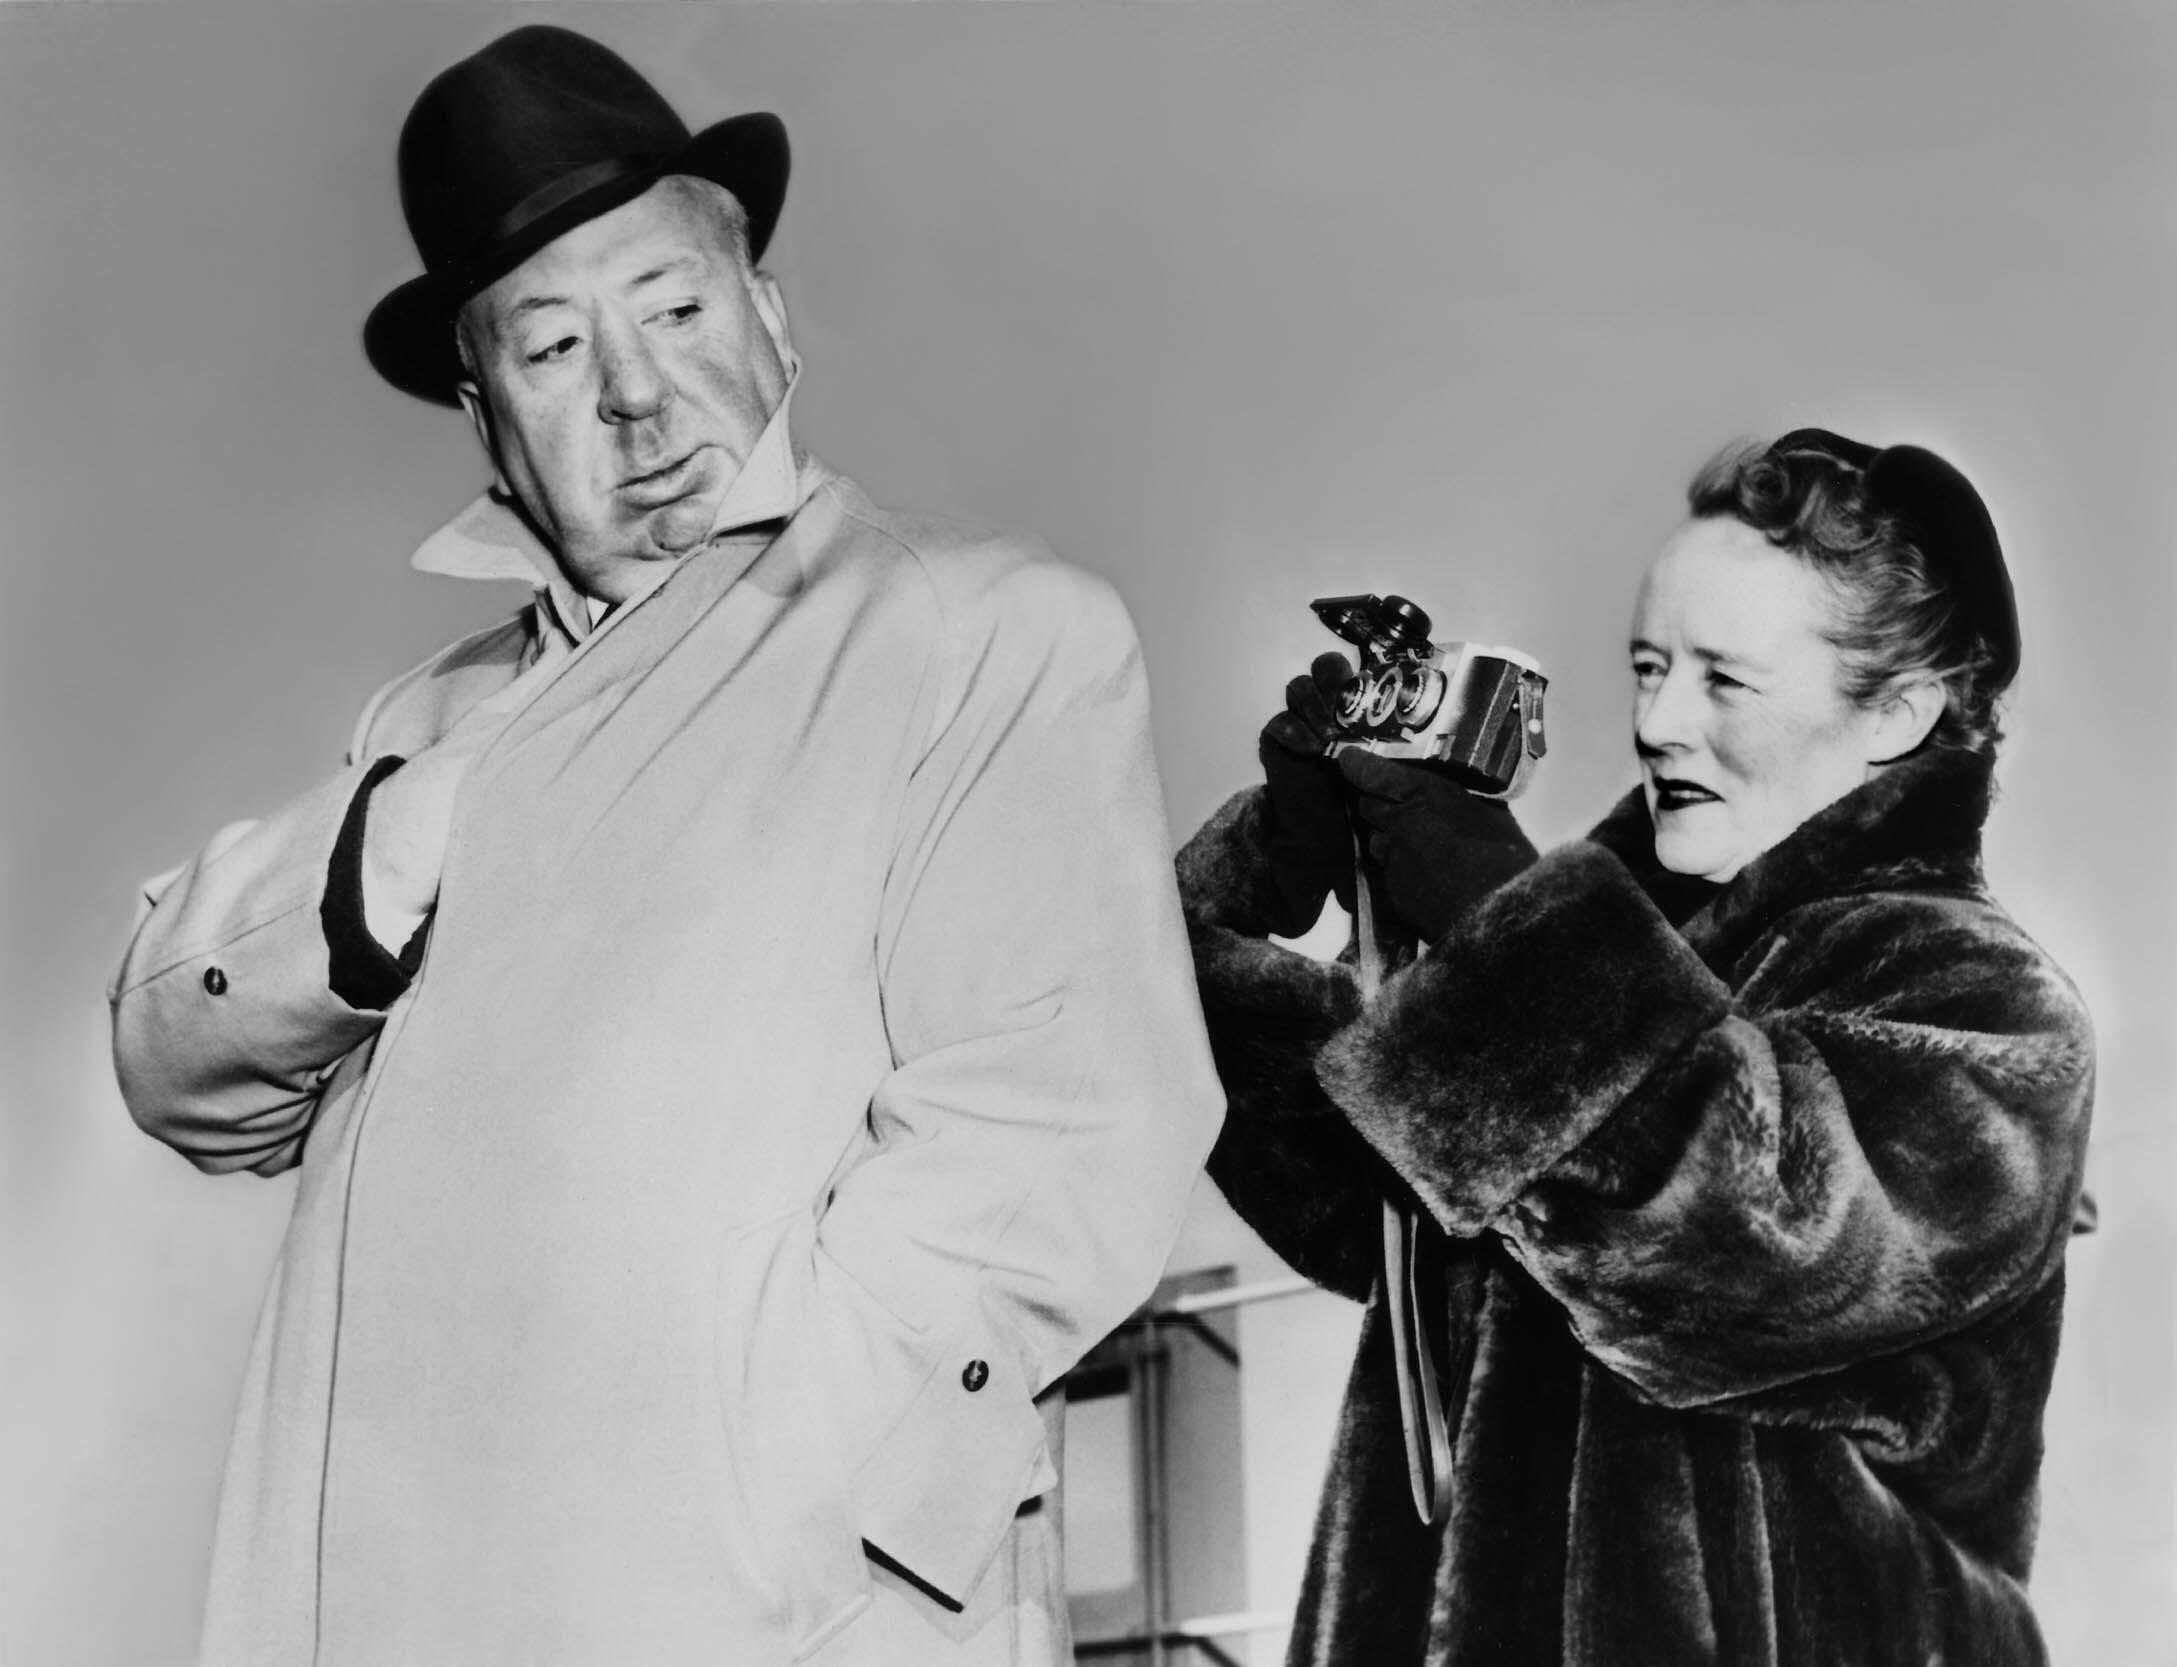 « Dans l'ombre d'Hitchcock : Alma et Hitch », documentaire du cinéaste Laurent Herbiet, présenté au FIPADOC de Biarritz.